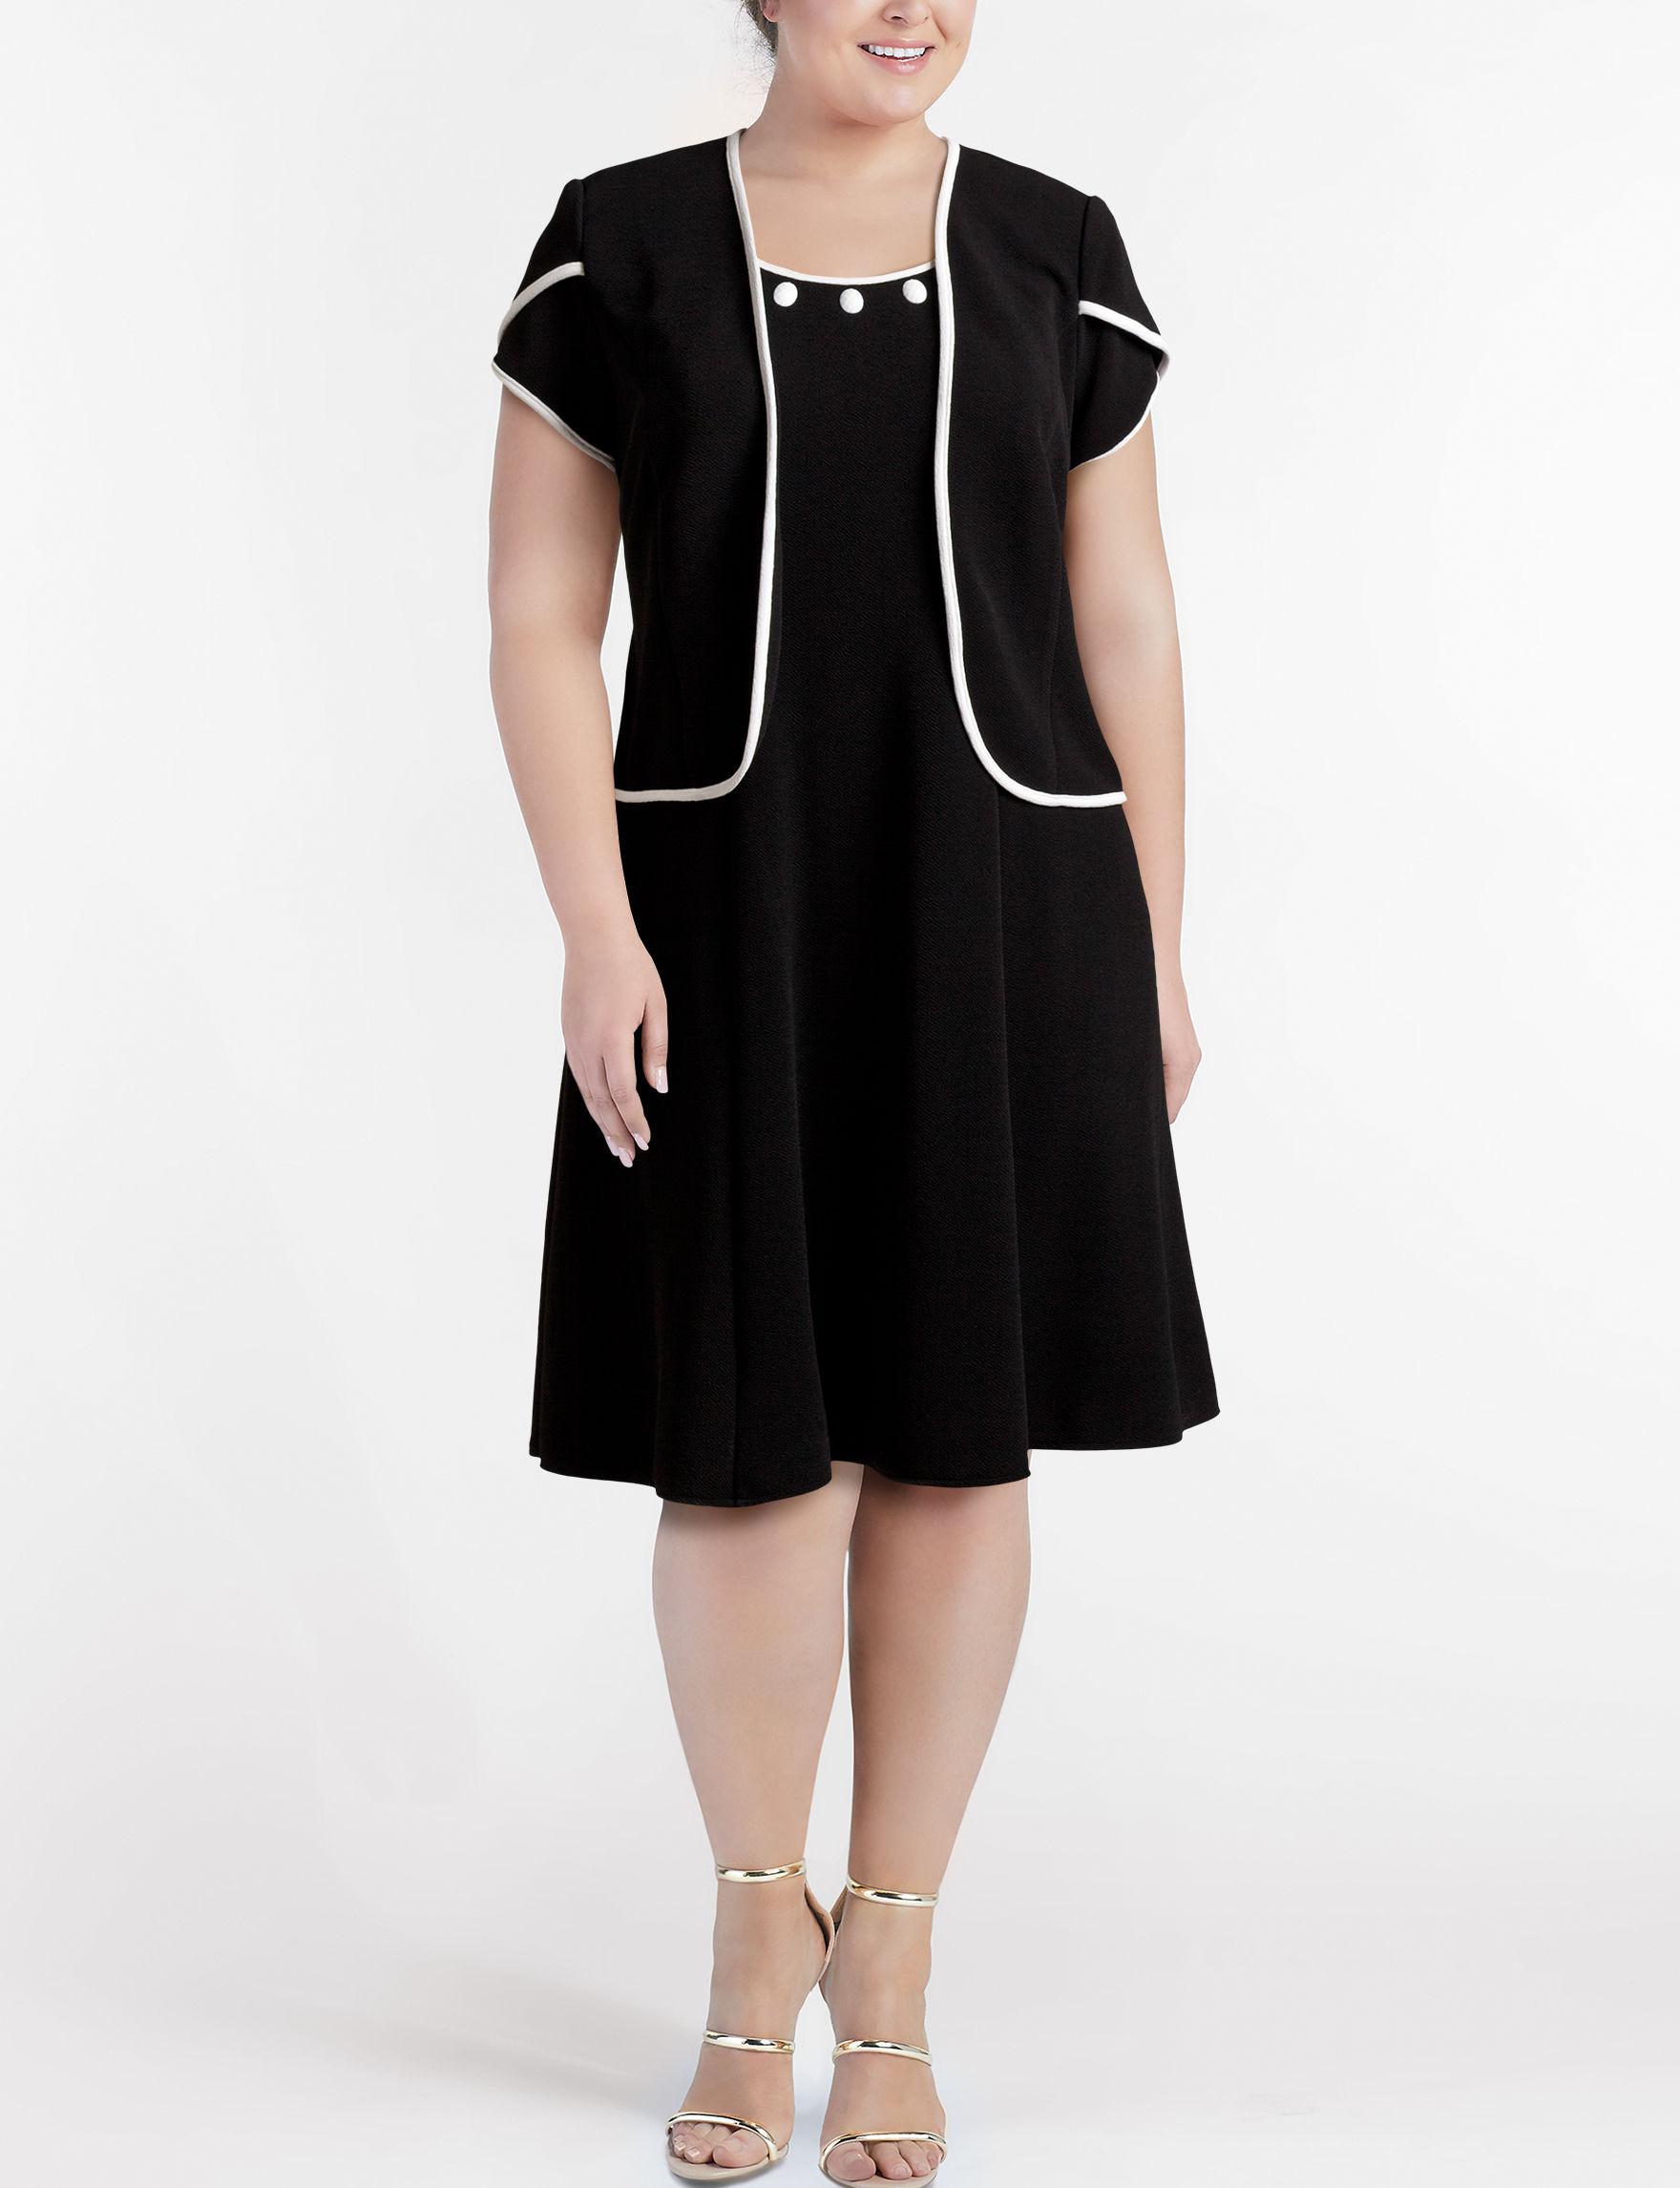 Maya Brooke Black /  White Everyday & Casual Jacket Dresses